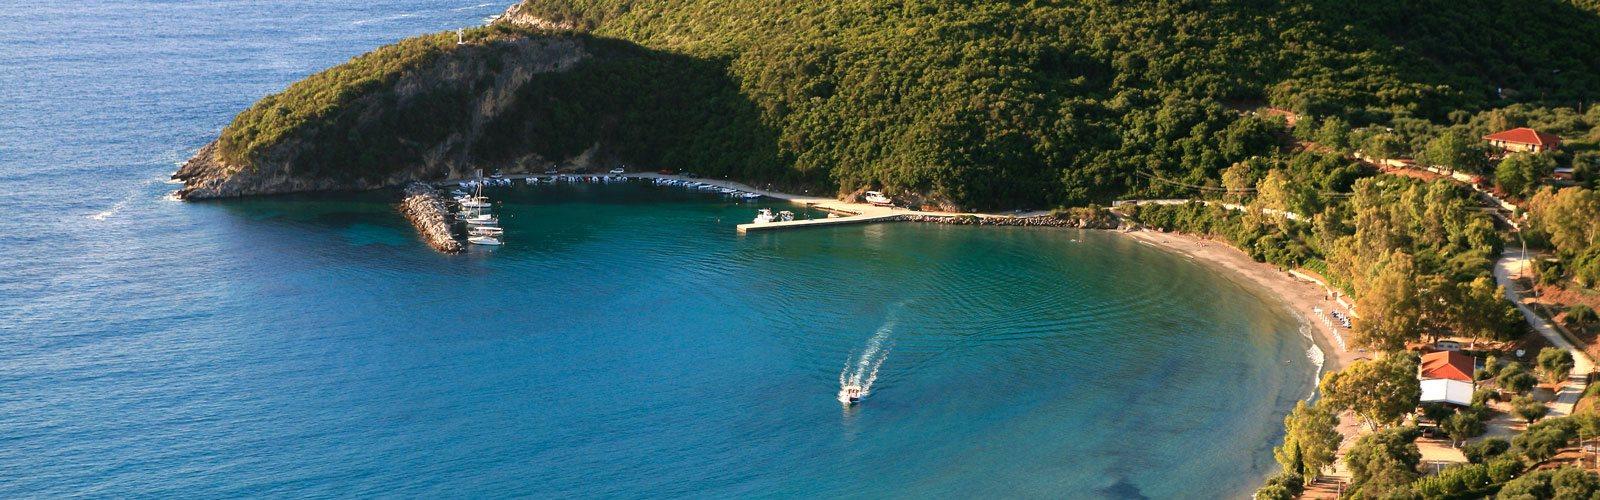 Epirus Griechenland Reisen Parga Sivota Kanali Zagoria